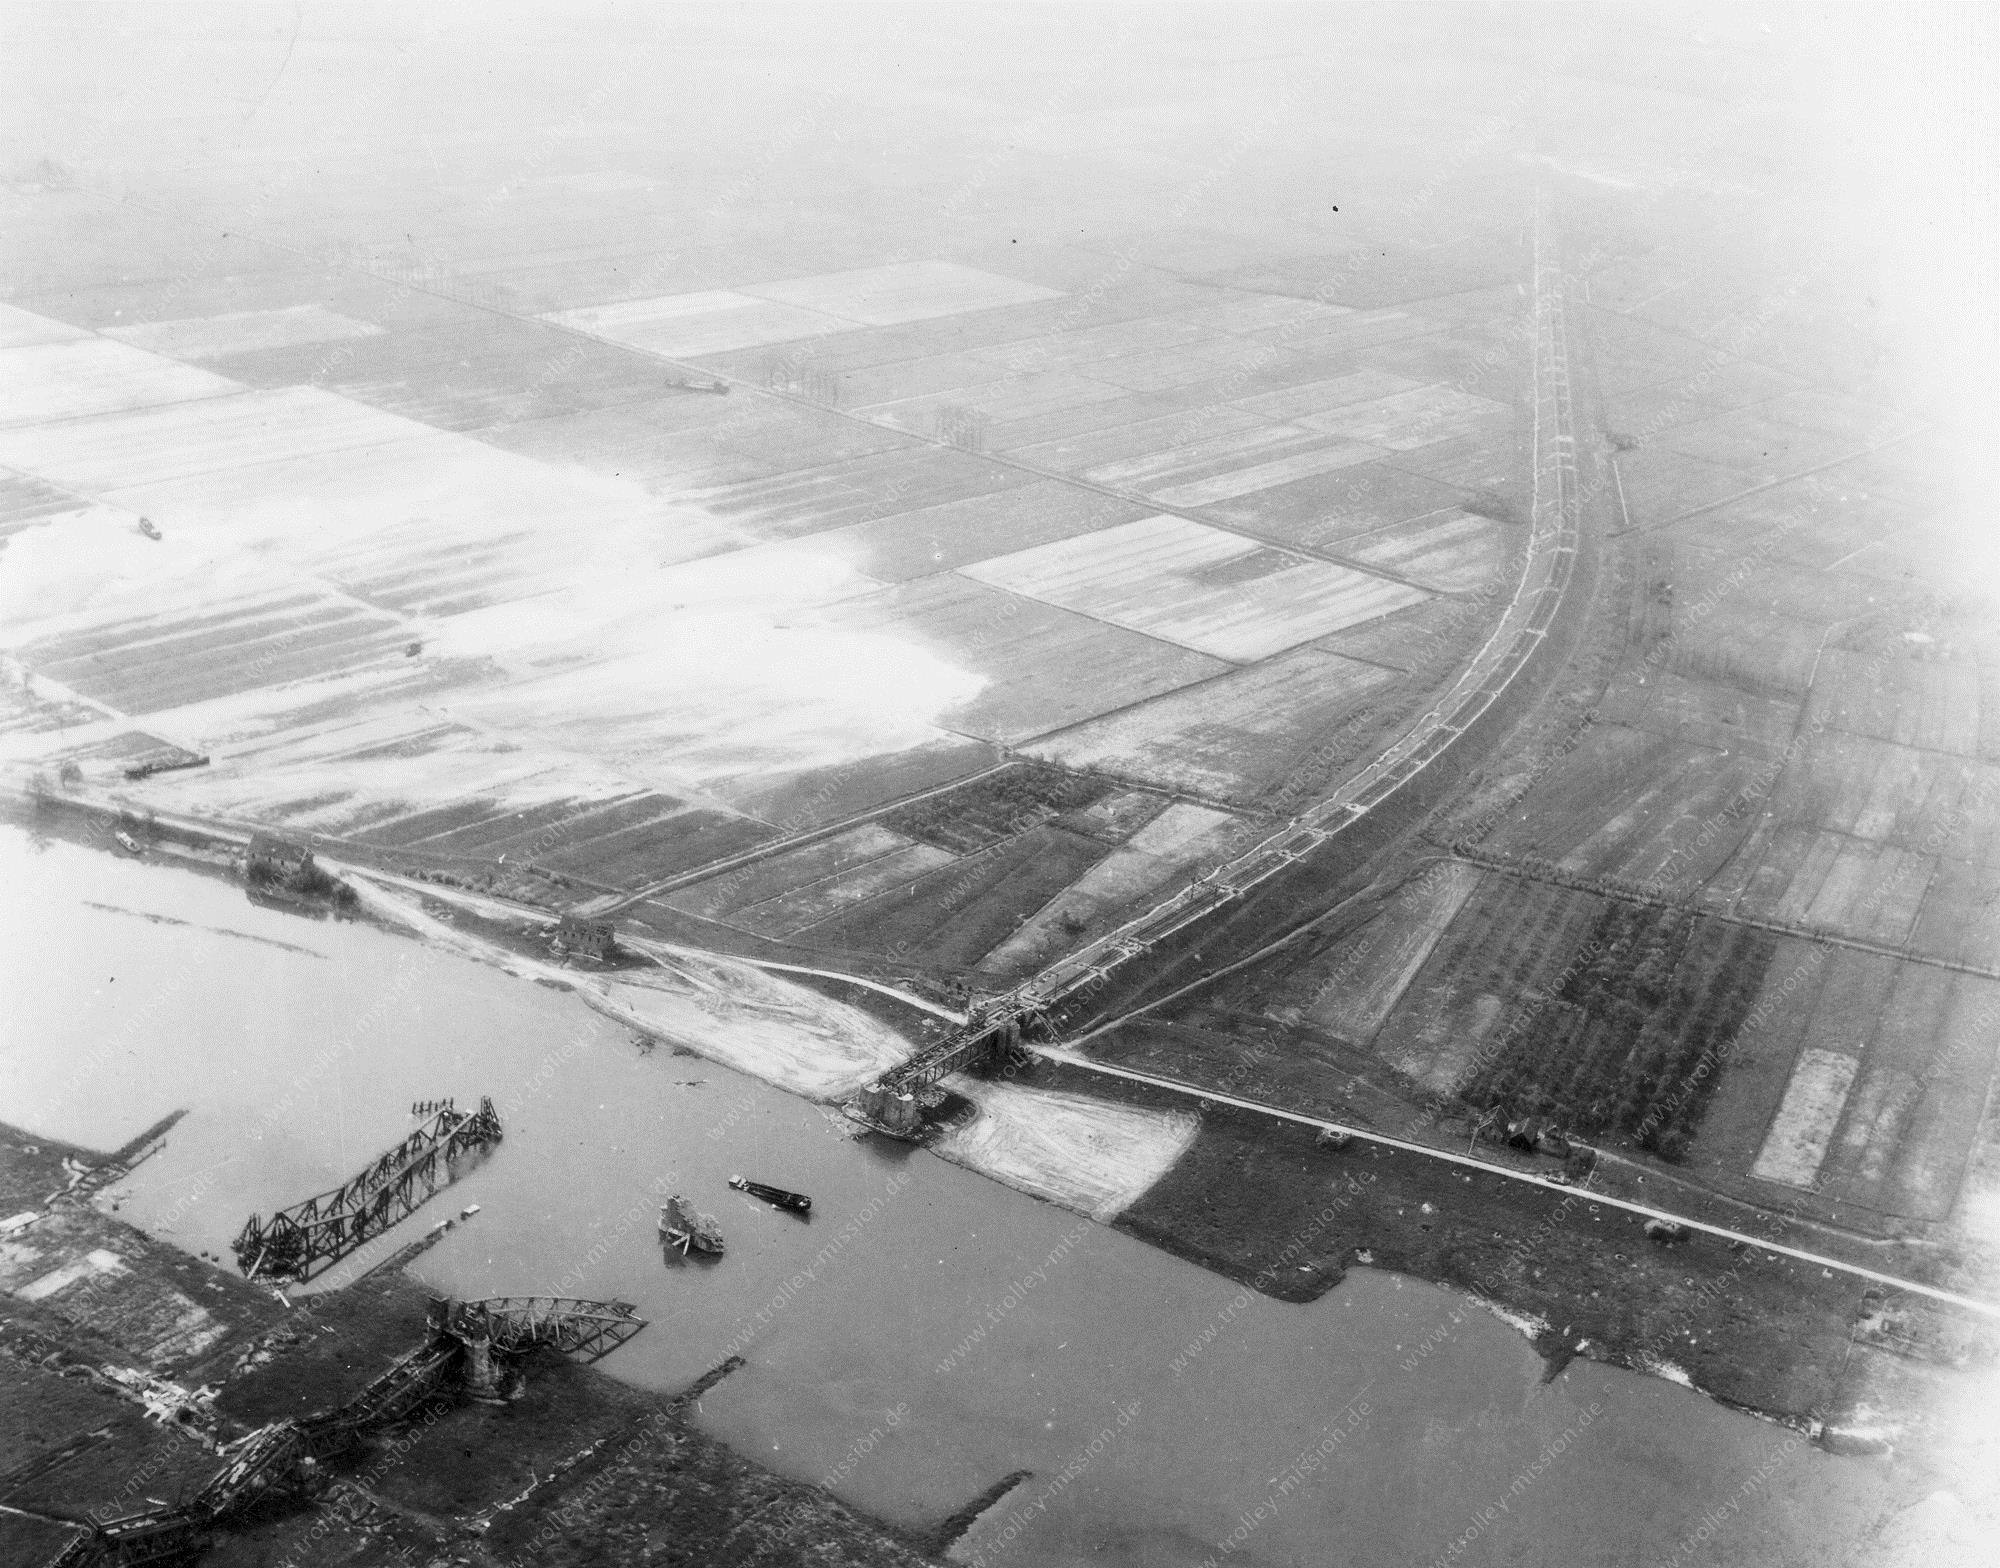 Luftbild der völlig zerstörten Eisenbahnbrücke bei Oosterbeek (Niederlande)